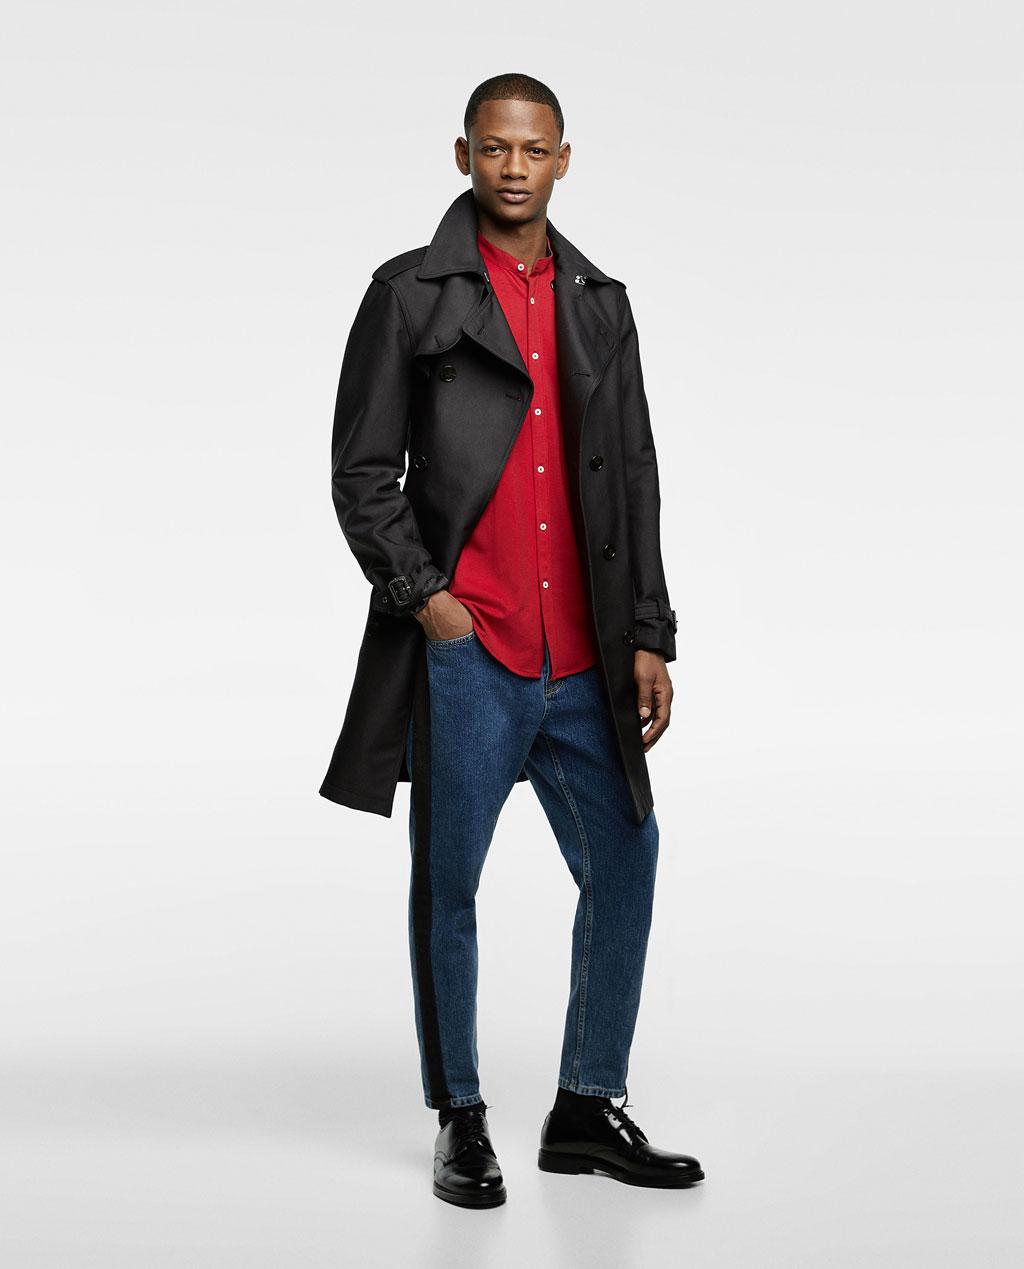 Thời trang nam Zara  23883 - ảnh 3